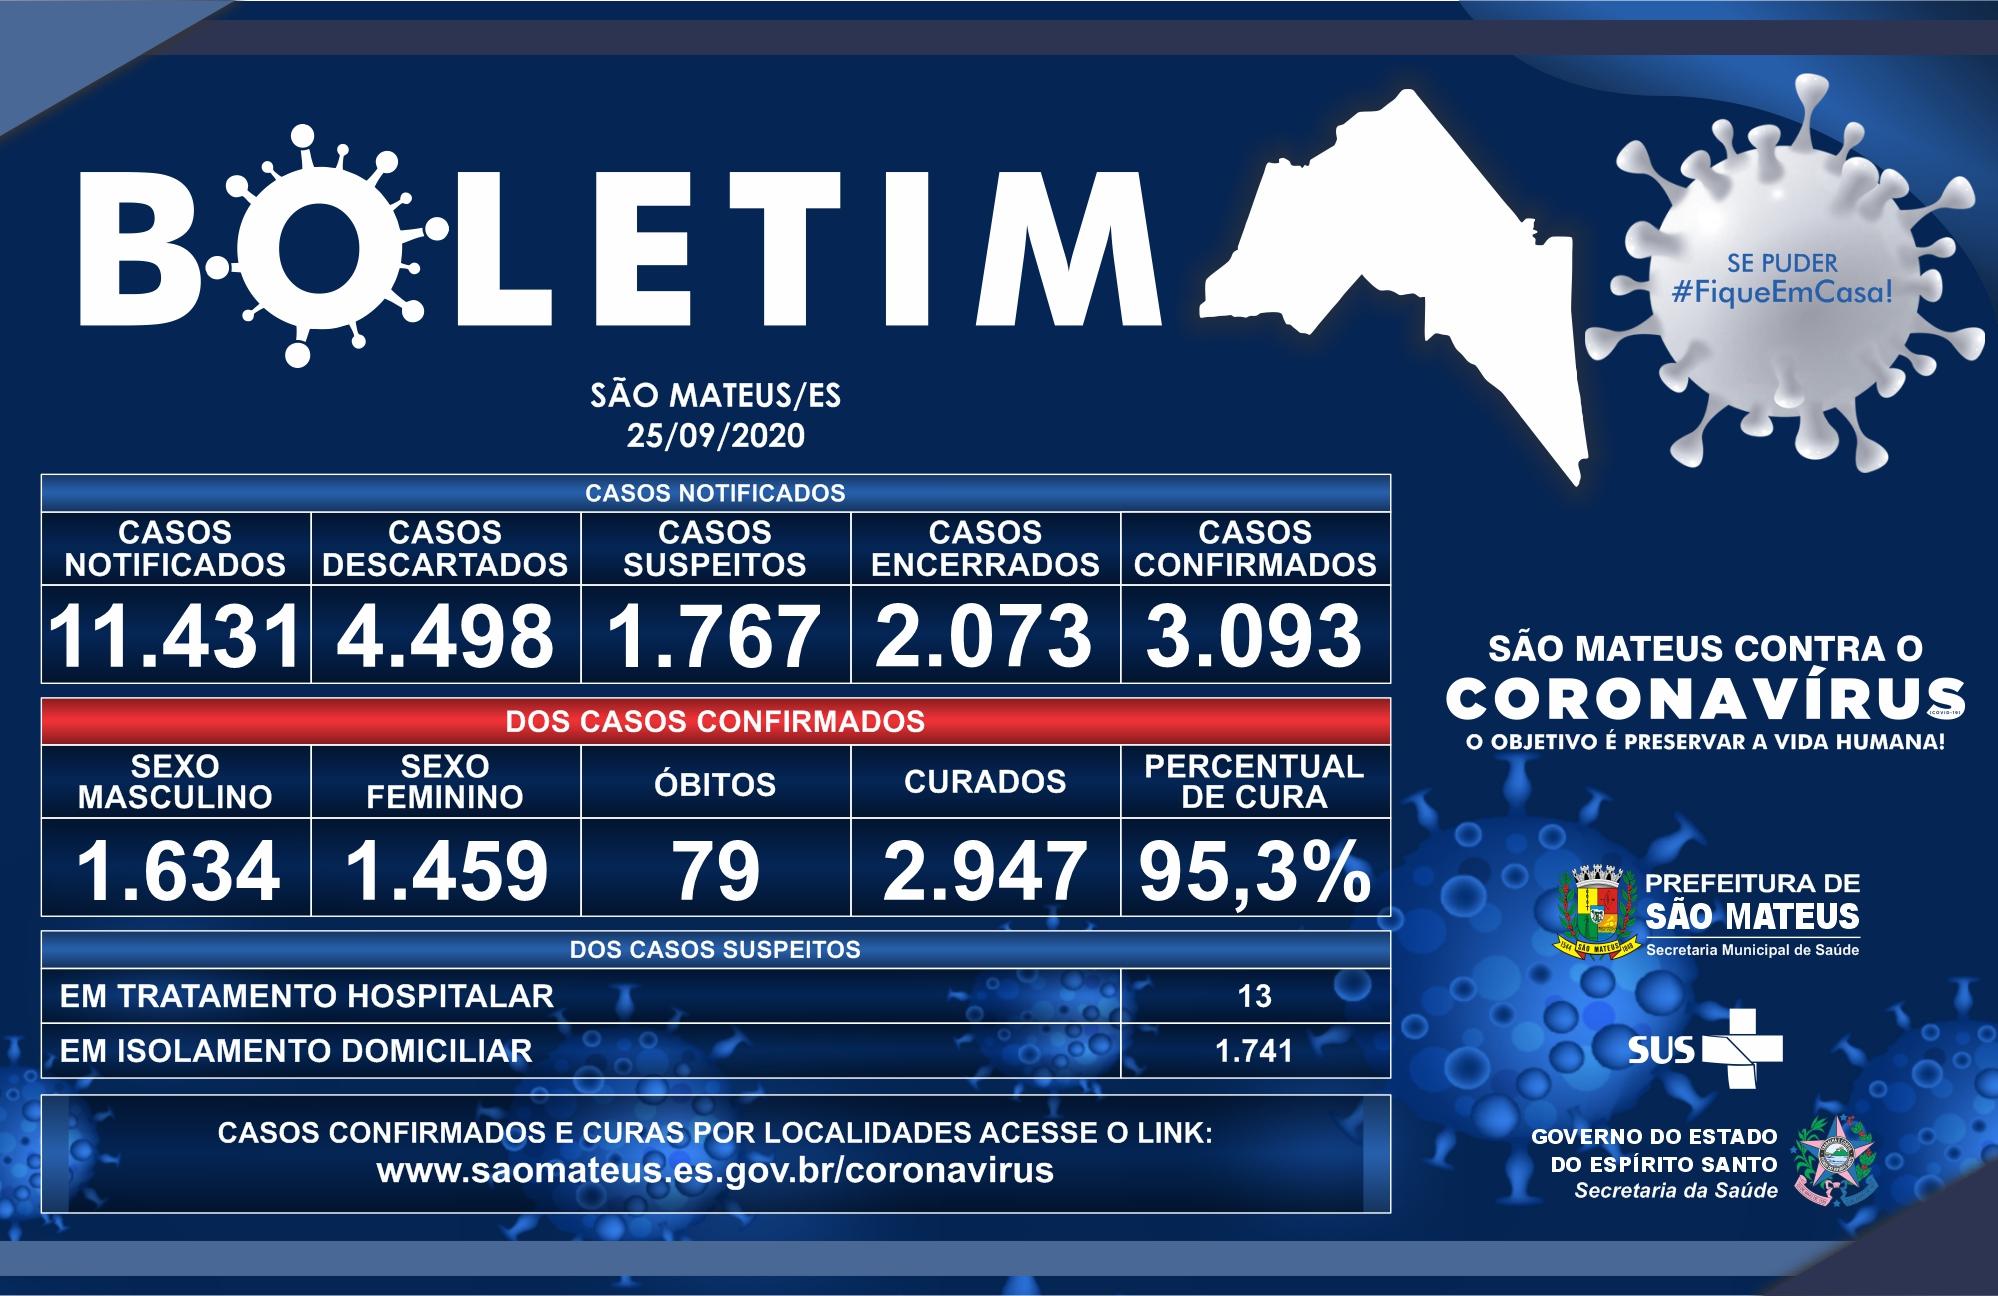 SÃO MATEUS CHEGA A 3.093 CASOS CONFIRMADOS DE CORONAVÍRUS